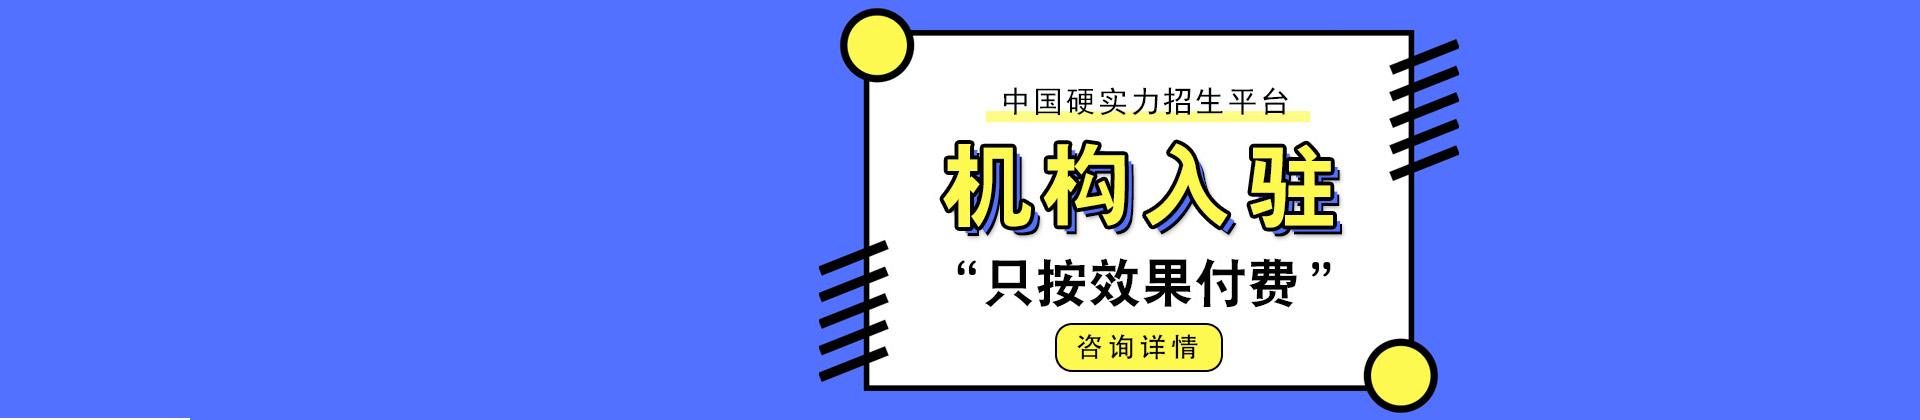 朗閣教育——專業英語語言教育,名師輔導,輕松出國學習